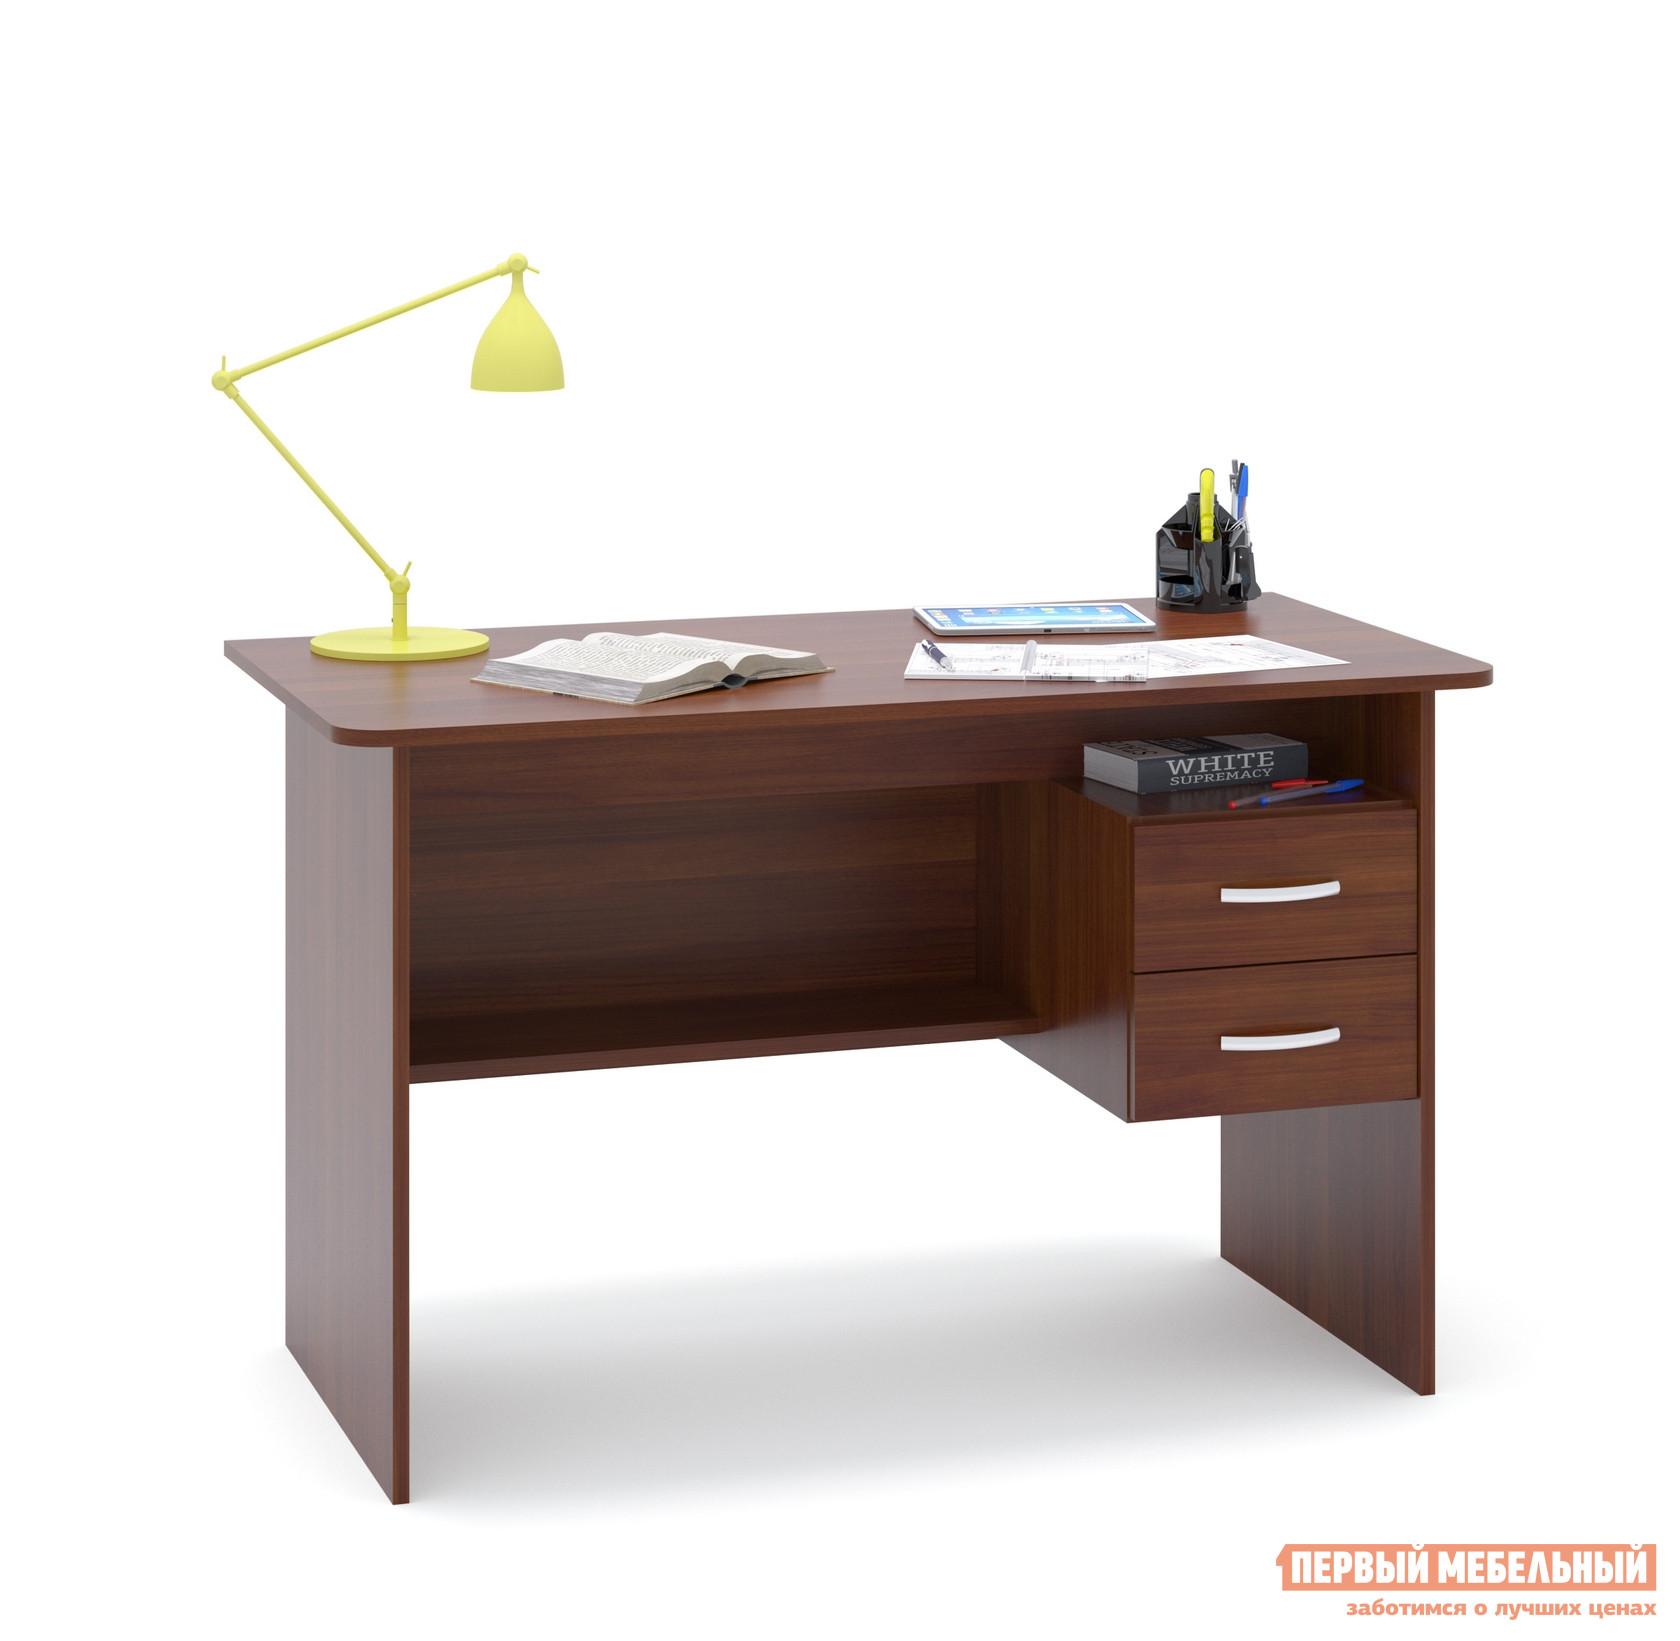 Письменный стол Сокол СПМ-07.1 Испанский орехПисьменные столы<br>Габаритные размеры ВхШхГ 740x1200x600 мм. Большой письменный стол со встроенной тумбой.  Внизу задней стенки также находится небольшая полочка.  Встроенная тумбы состоит из двух ящиков с открытой нишей сверху.  За таким столом удобно будет себя чувствовать и школьник и студент.  Стол также можно использовать как компьютерный. Внутренний размер ящиков — 211 х 354 мм. Высота от пола до ящиков составляет 290 мм, высота от пола до полки под столом — 310 мм. Высота полочки над ящиками — 124 мм. Стол универсален при сборке, тумбу можно расположить с любой стороны. Стол изготовлен из ЛДСП отечественного производства толщиной 16 мм.  Края столешницы отделаны кромкой ПВХ 2 мм.  Для обработки торцов у остальных деталей используется кромка ПВХ 0,4 мм.  Рекомендуем сохранить инструкцию по сборке (паспорт изделия) до истечения гарантийного срока.<br><br>Цвет: Красное дерево<br>Высота мм: 740<br>Ширина мм: 1200<br>Глубина мм: 600<br>Кол-во упаковок: 1<br>Форма поставки: В разобранном виде<br>Срок гарантии: 2 года<br>Тип: Прямые<br>Материал: Дерево<br>Материал: ЛДСП<br>Размер: Большие<br>Размер: Ширина 120 см<br>С ящиками: Да<br>Без надстройки: Да<br>С тумбой: Да<br>Стиль: Современный<br>Стиль: Модерн